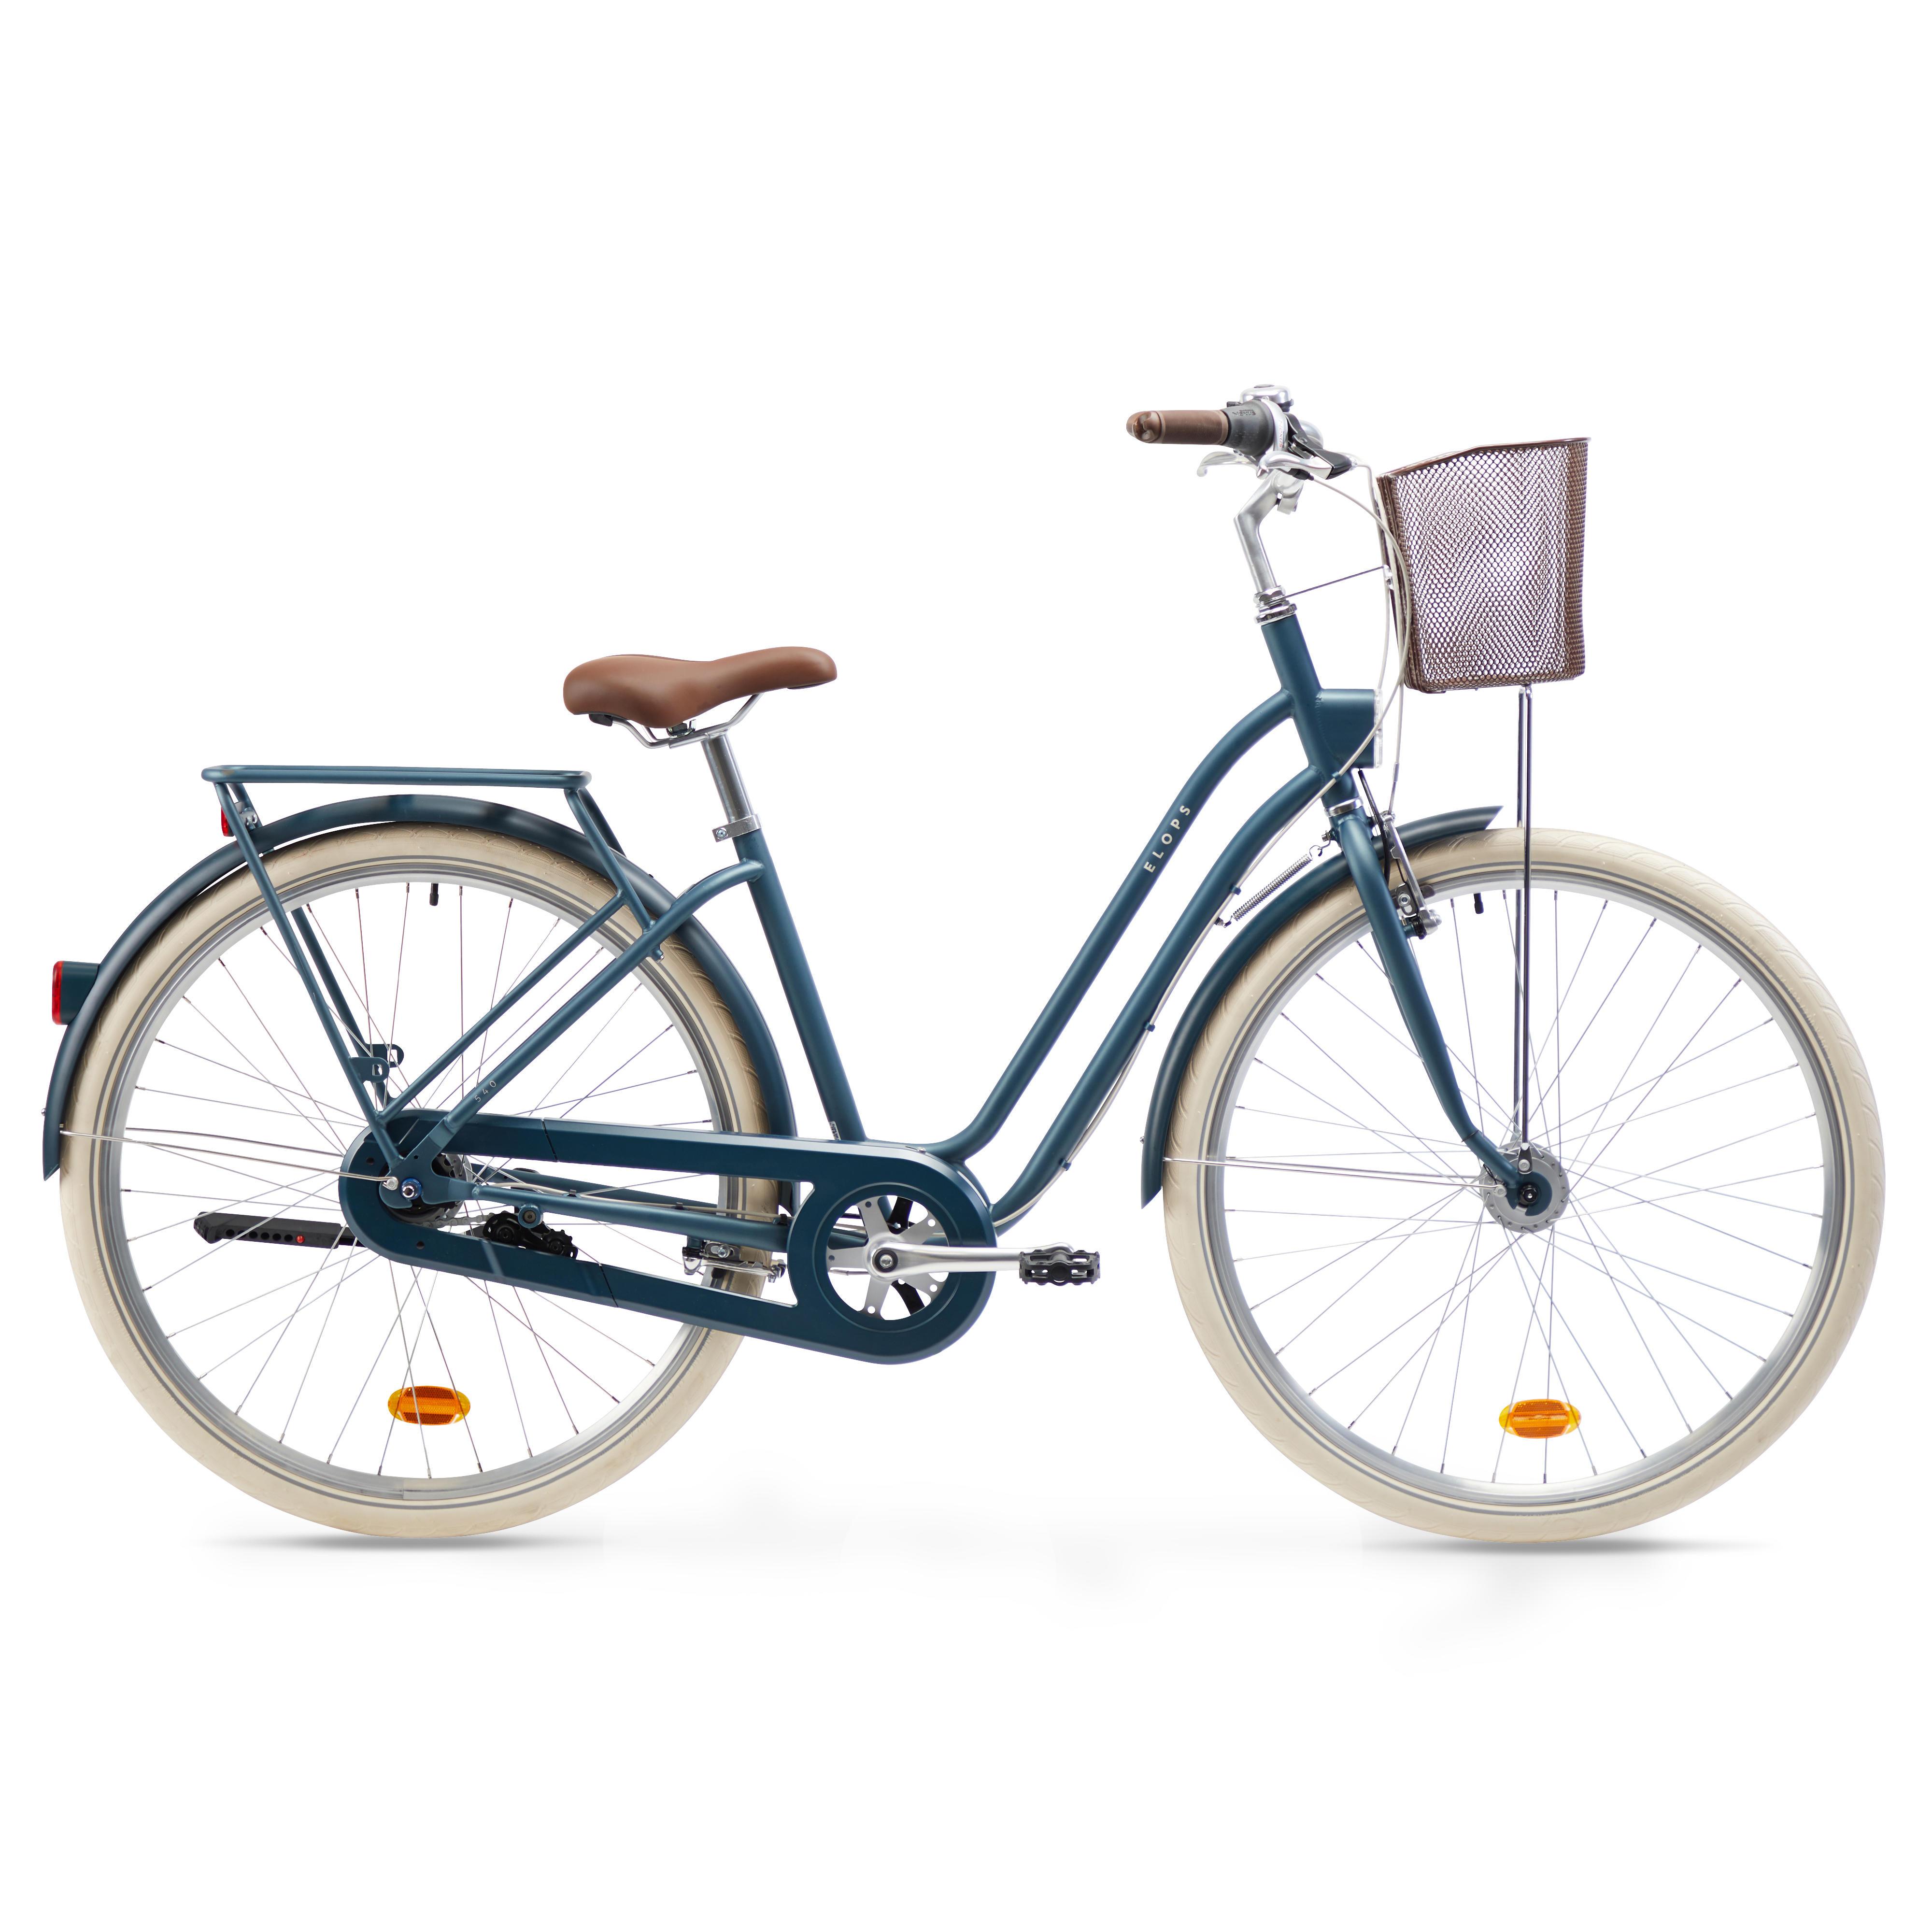 Bicicletă Oraş Elops 540 imagine